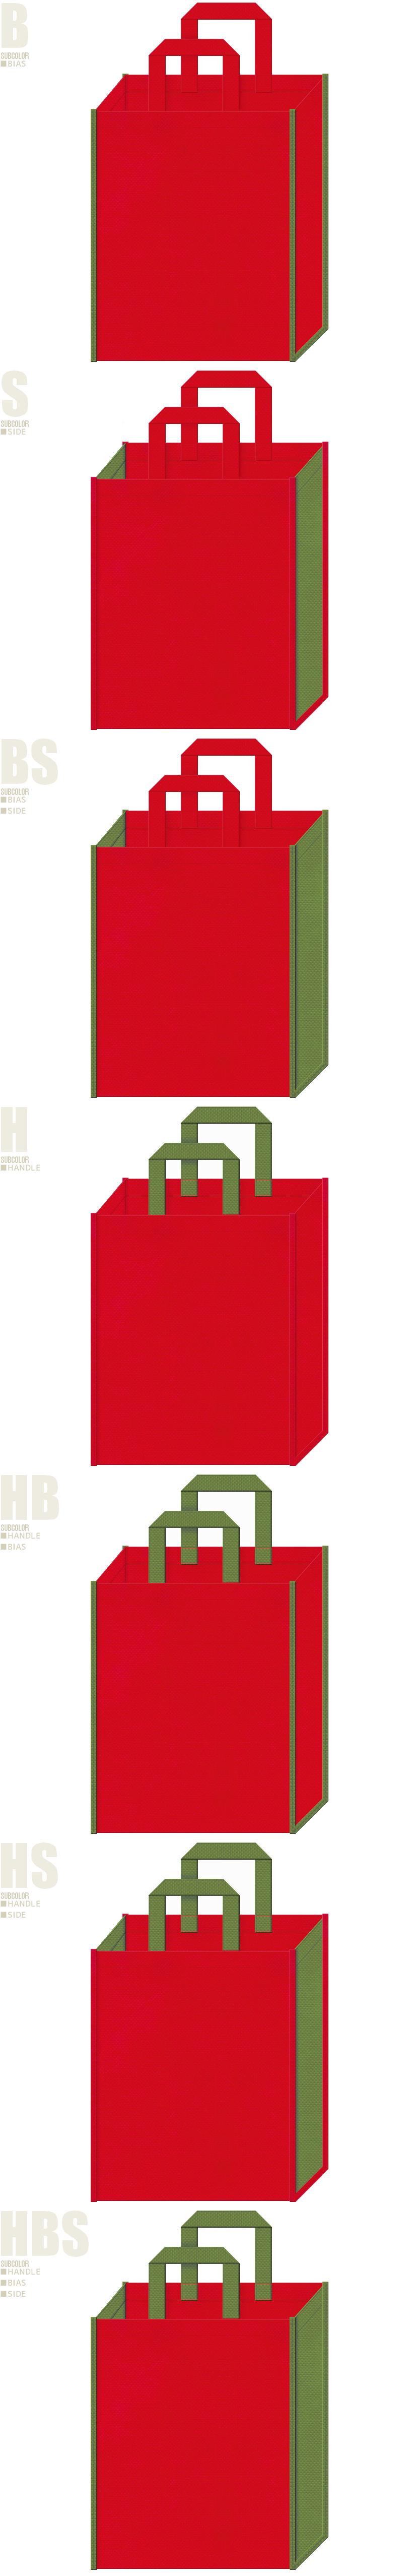 茶会・野点傘・和風催事にお奨めの不織布バッグのデザイン:紅色と草色の配色7パターン